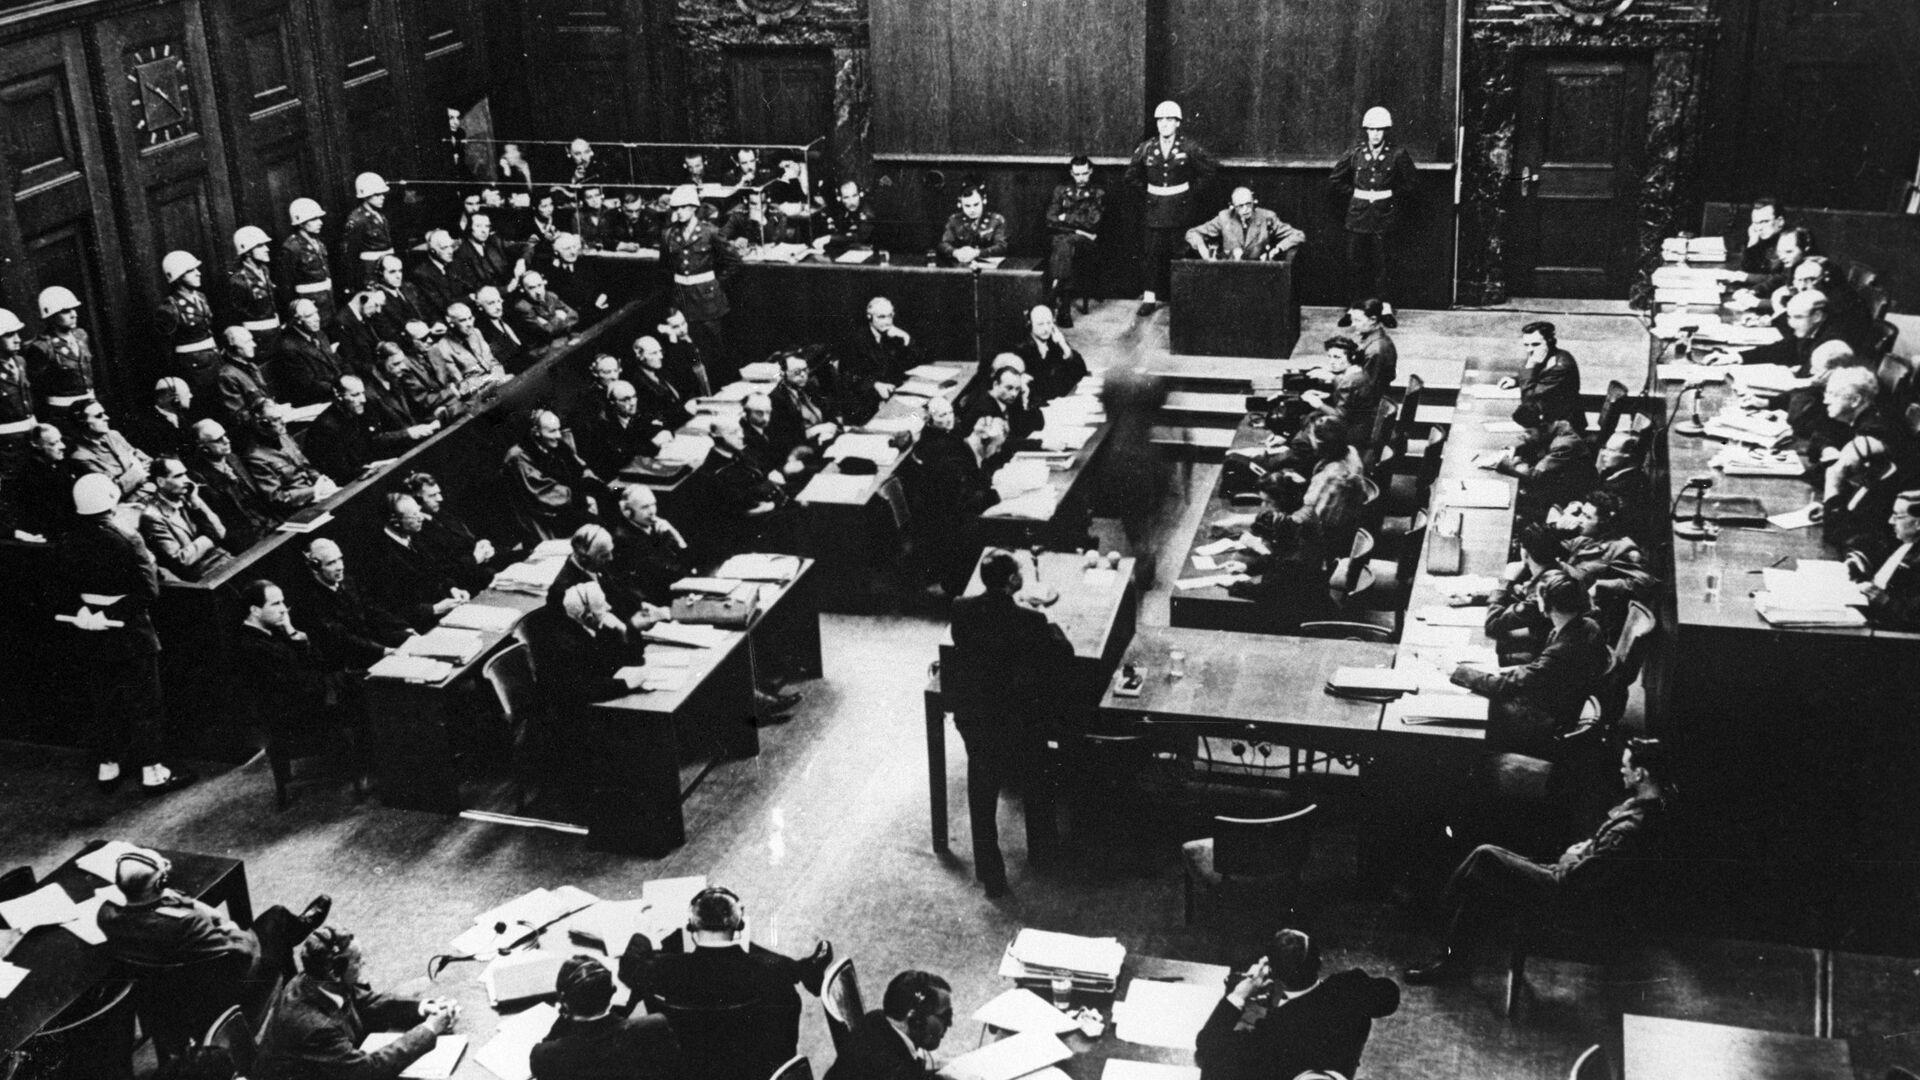 Одно из заседаний Международного военного трибунала во время Нюрнбергского процесса - РИА Новости, 1920, 20.11.2020